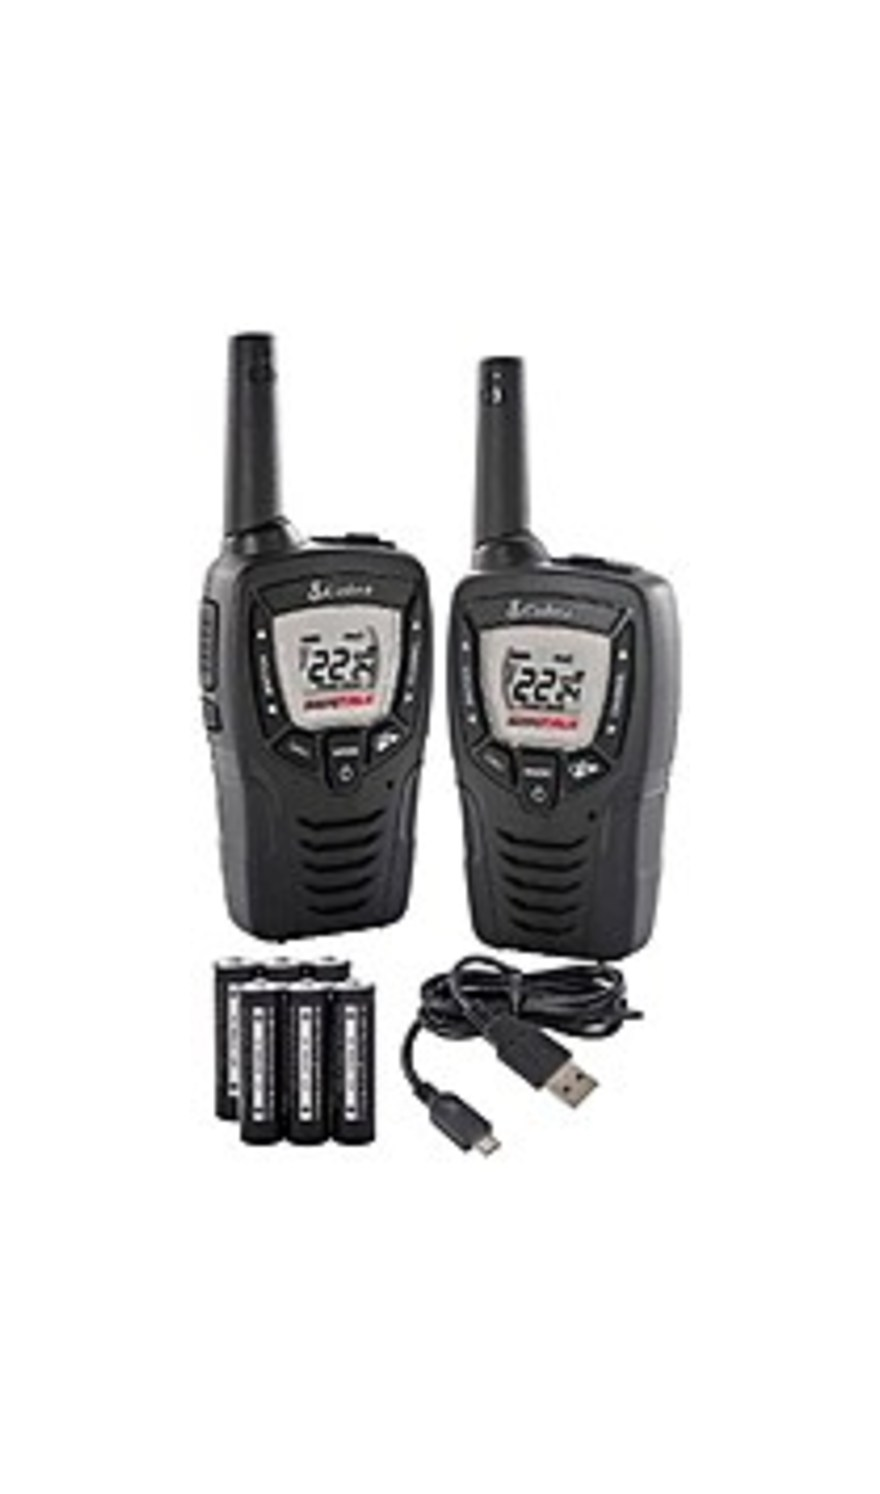 Cobra ACXT345 23-Mile 2-Way Walkie Talkie with Radio - 2 Pack - Black